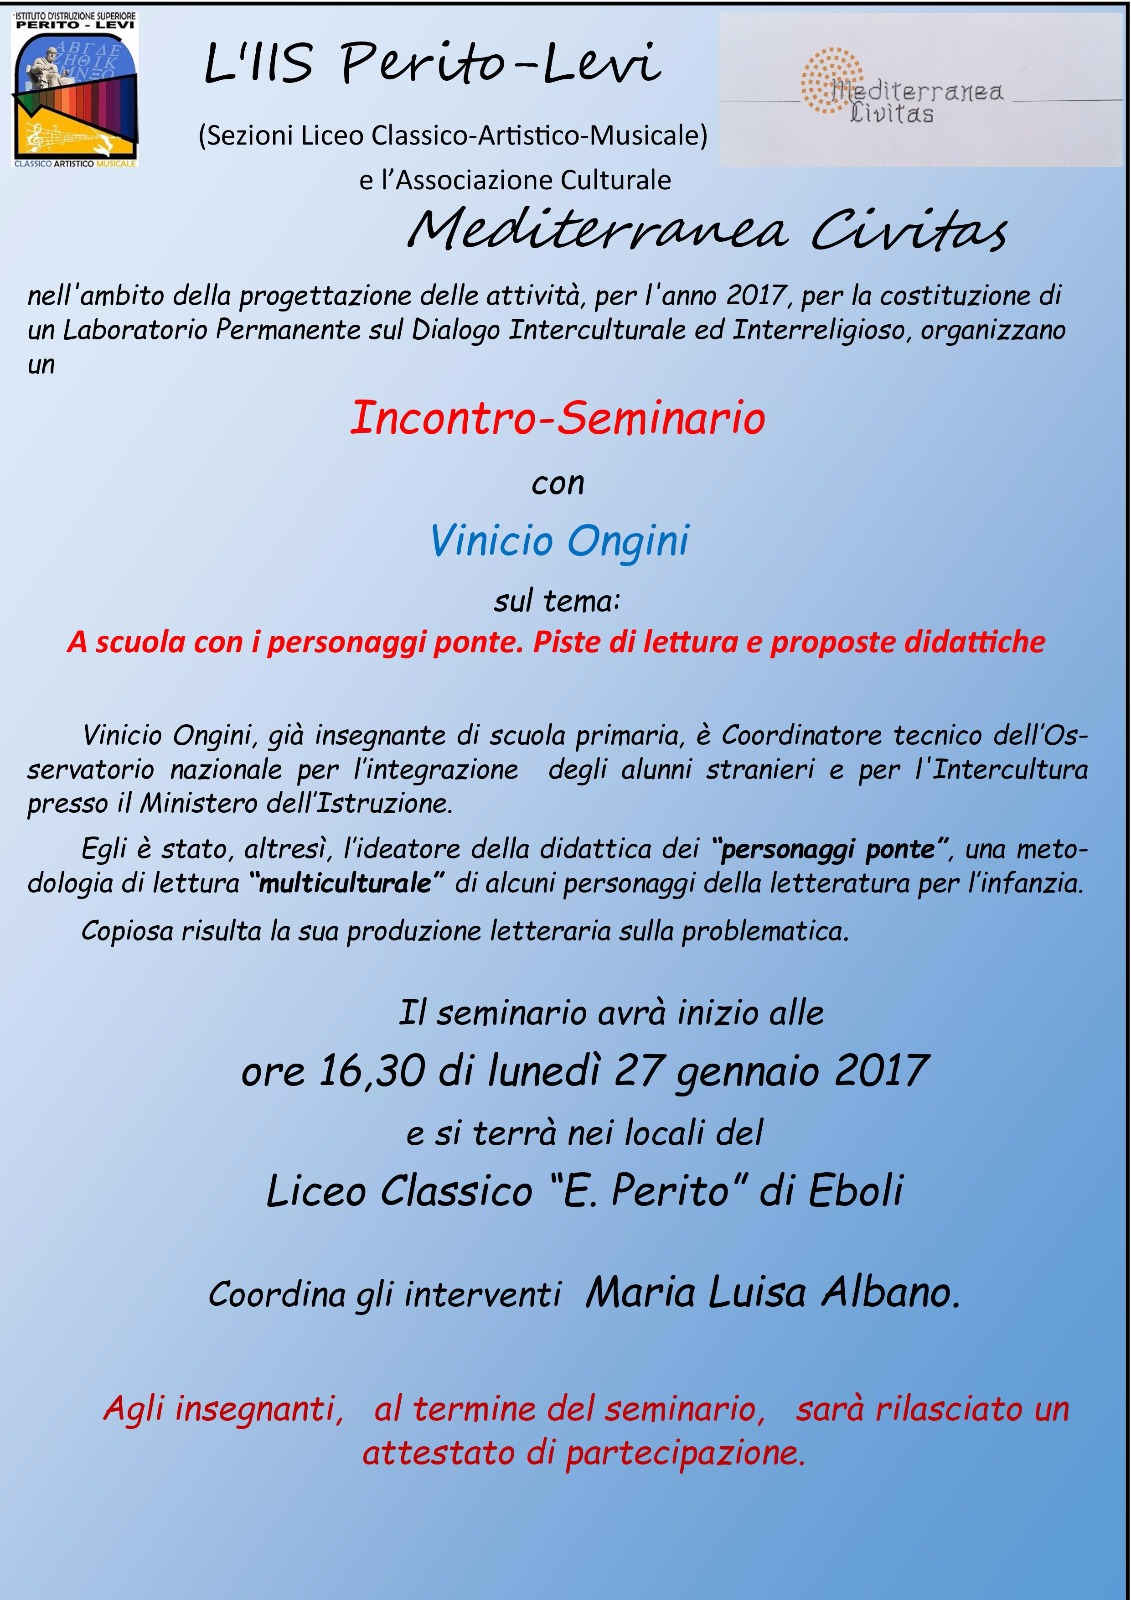 Seminario-Liceo Classico-Perito-Eboli